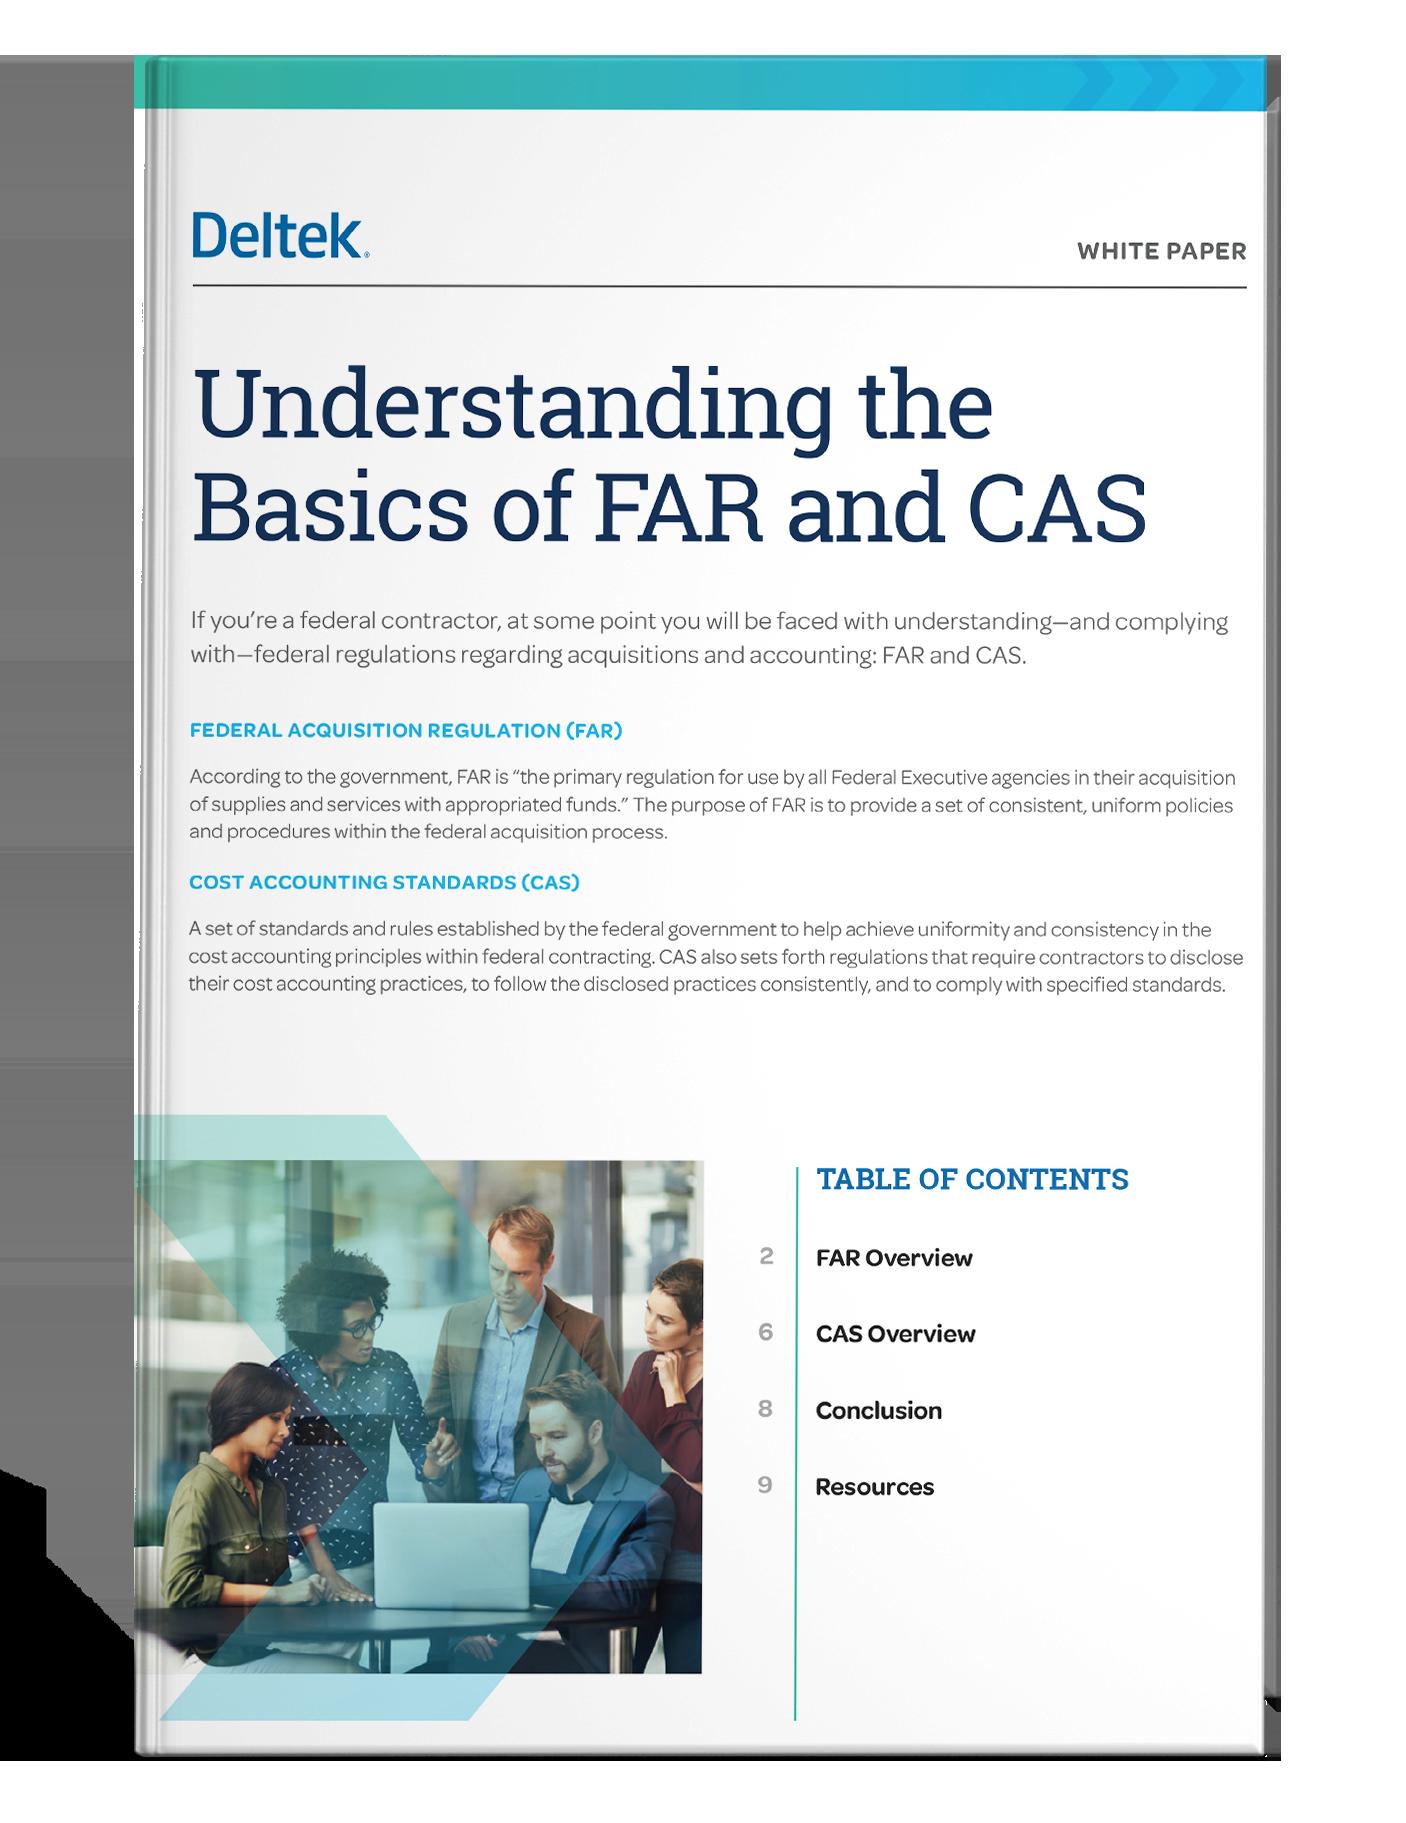 Understanding Basics of FAR and CAS